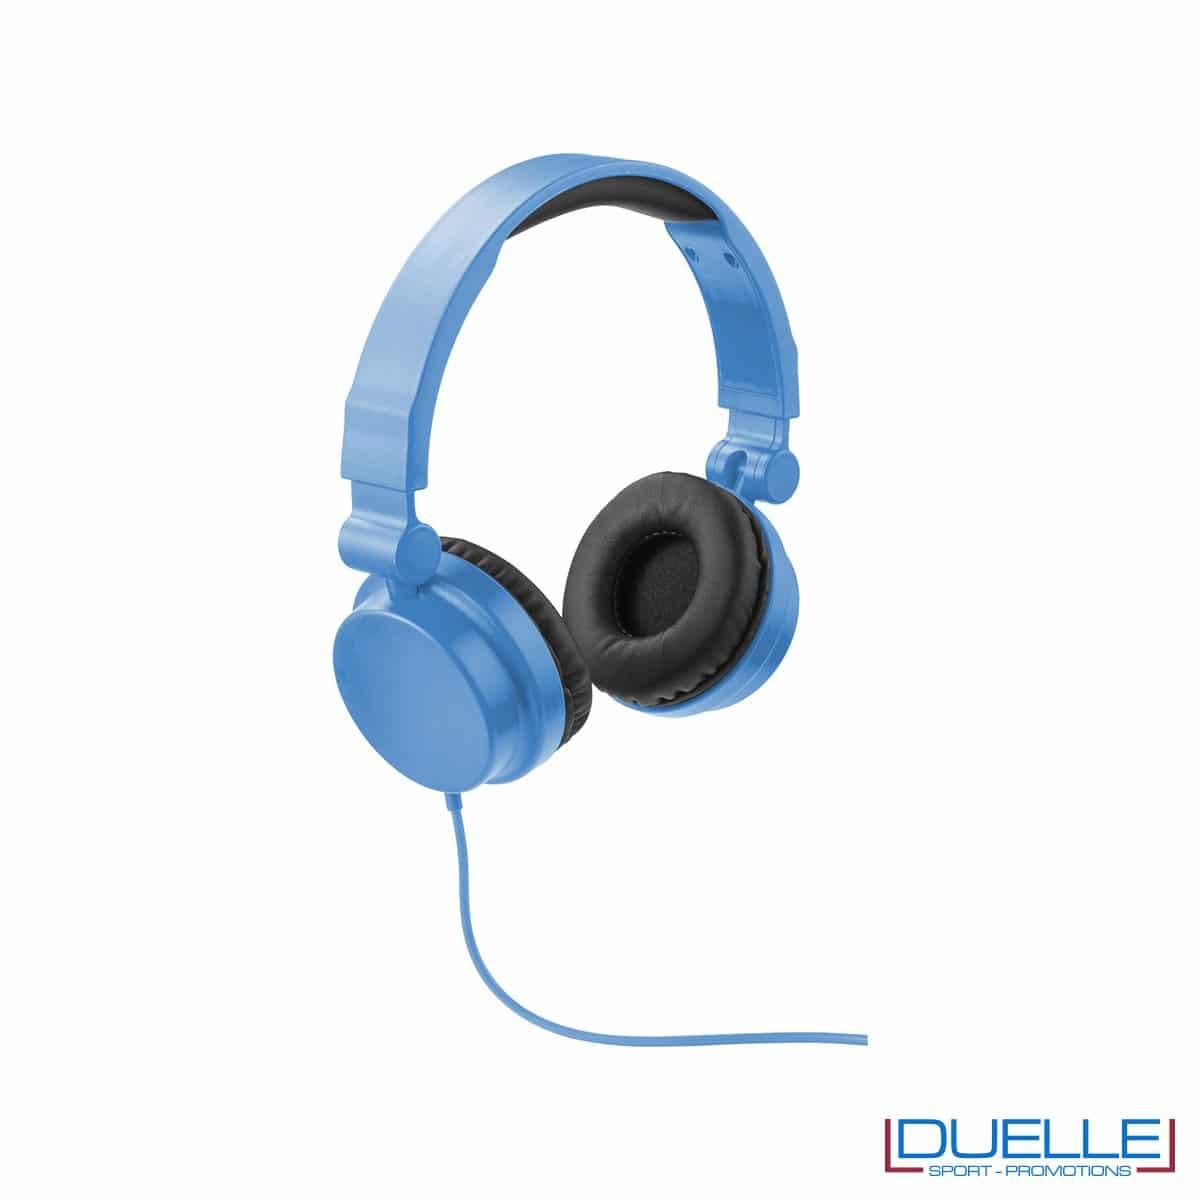 cuffie pieghevoli personalizzate promozionali in colore azzurro, cuffie promozionali personalizzate